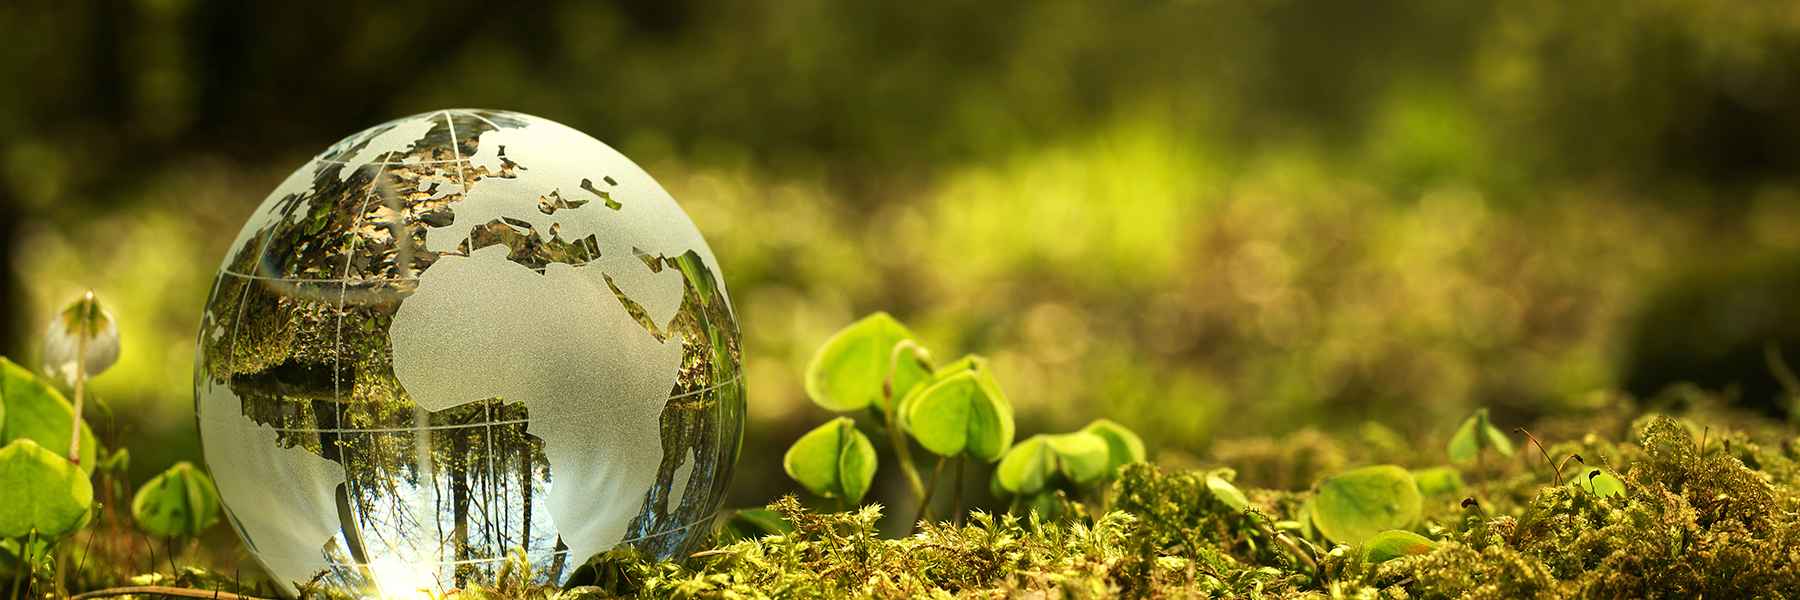 ICO Icoimagen sostenibilidad